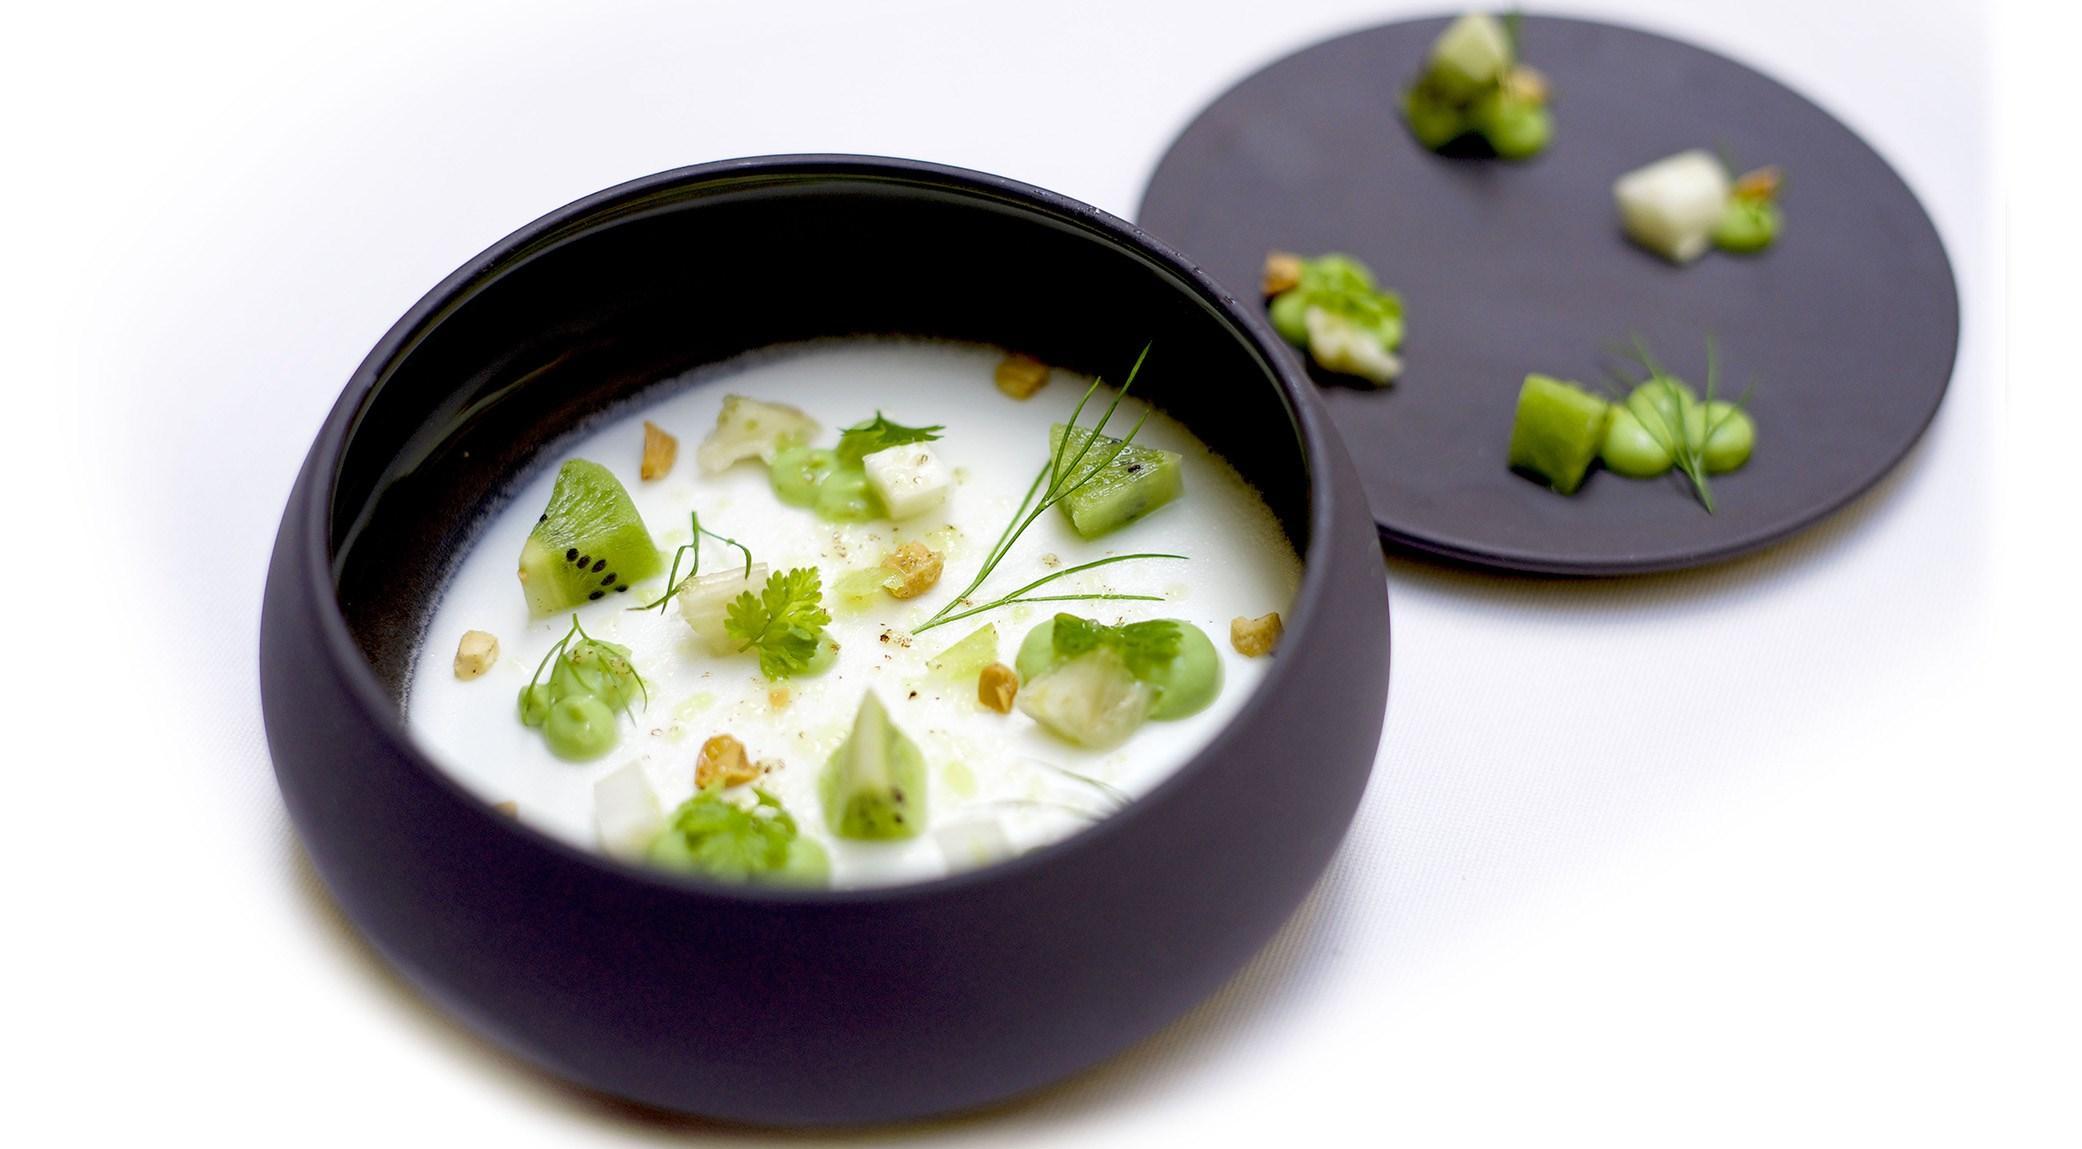 Boer-dessert-vegan-Alice-Gemignani